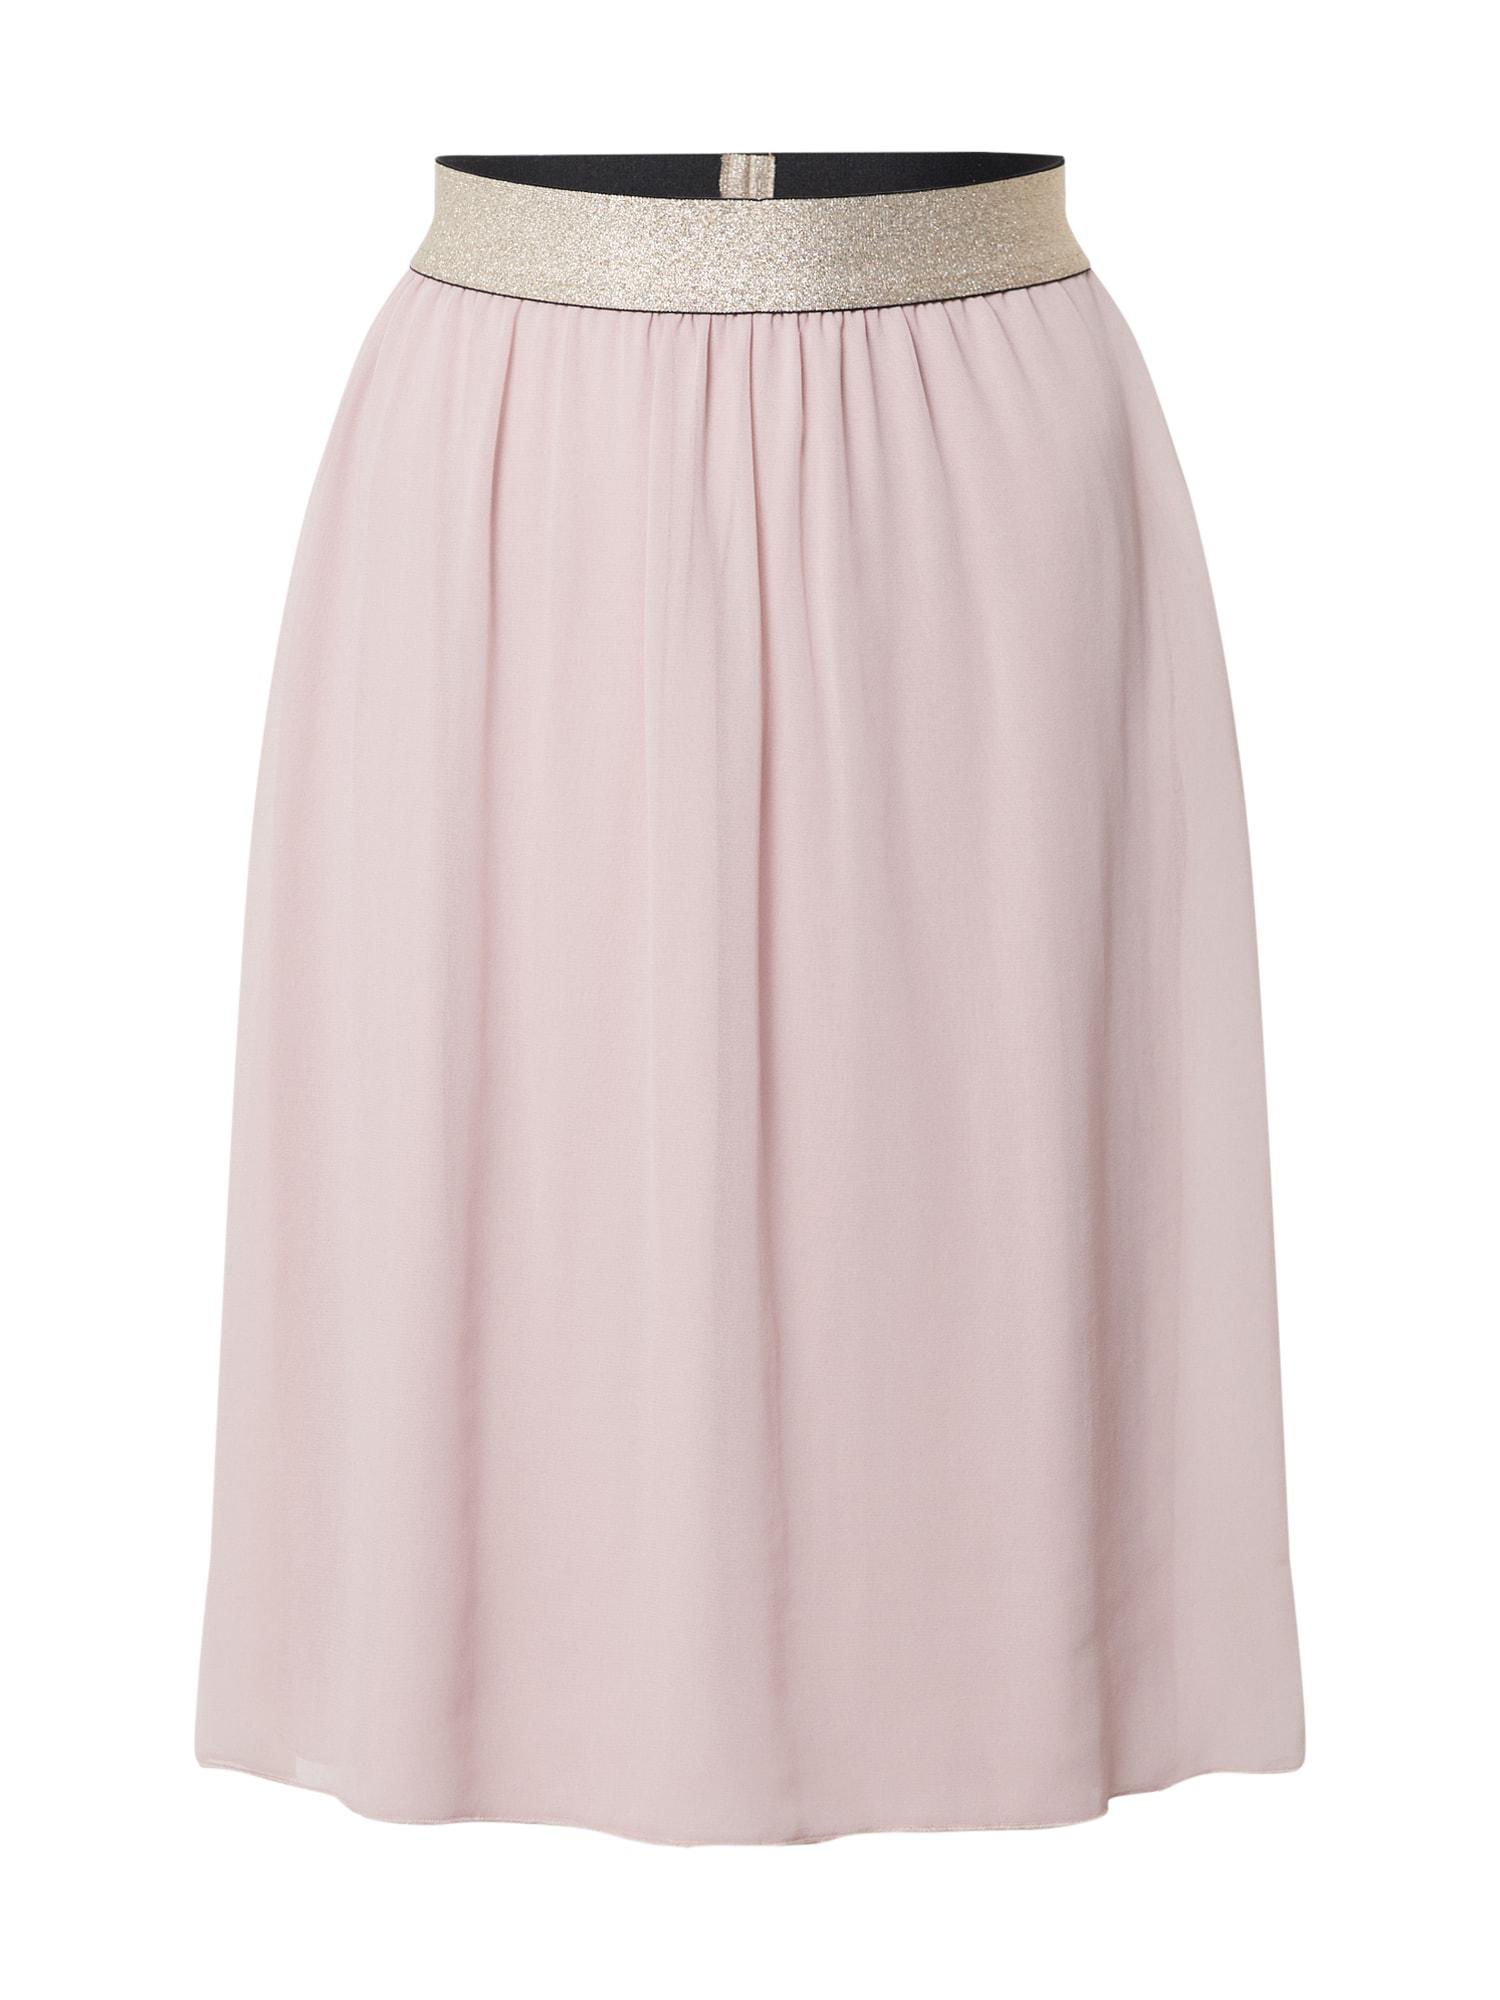 ABOUT YOU Sijonas 'Cettina' ryškiai rožinė spalva